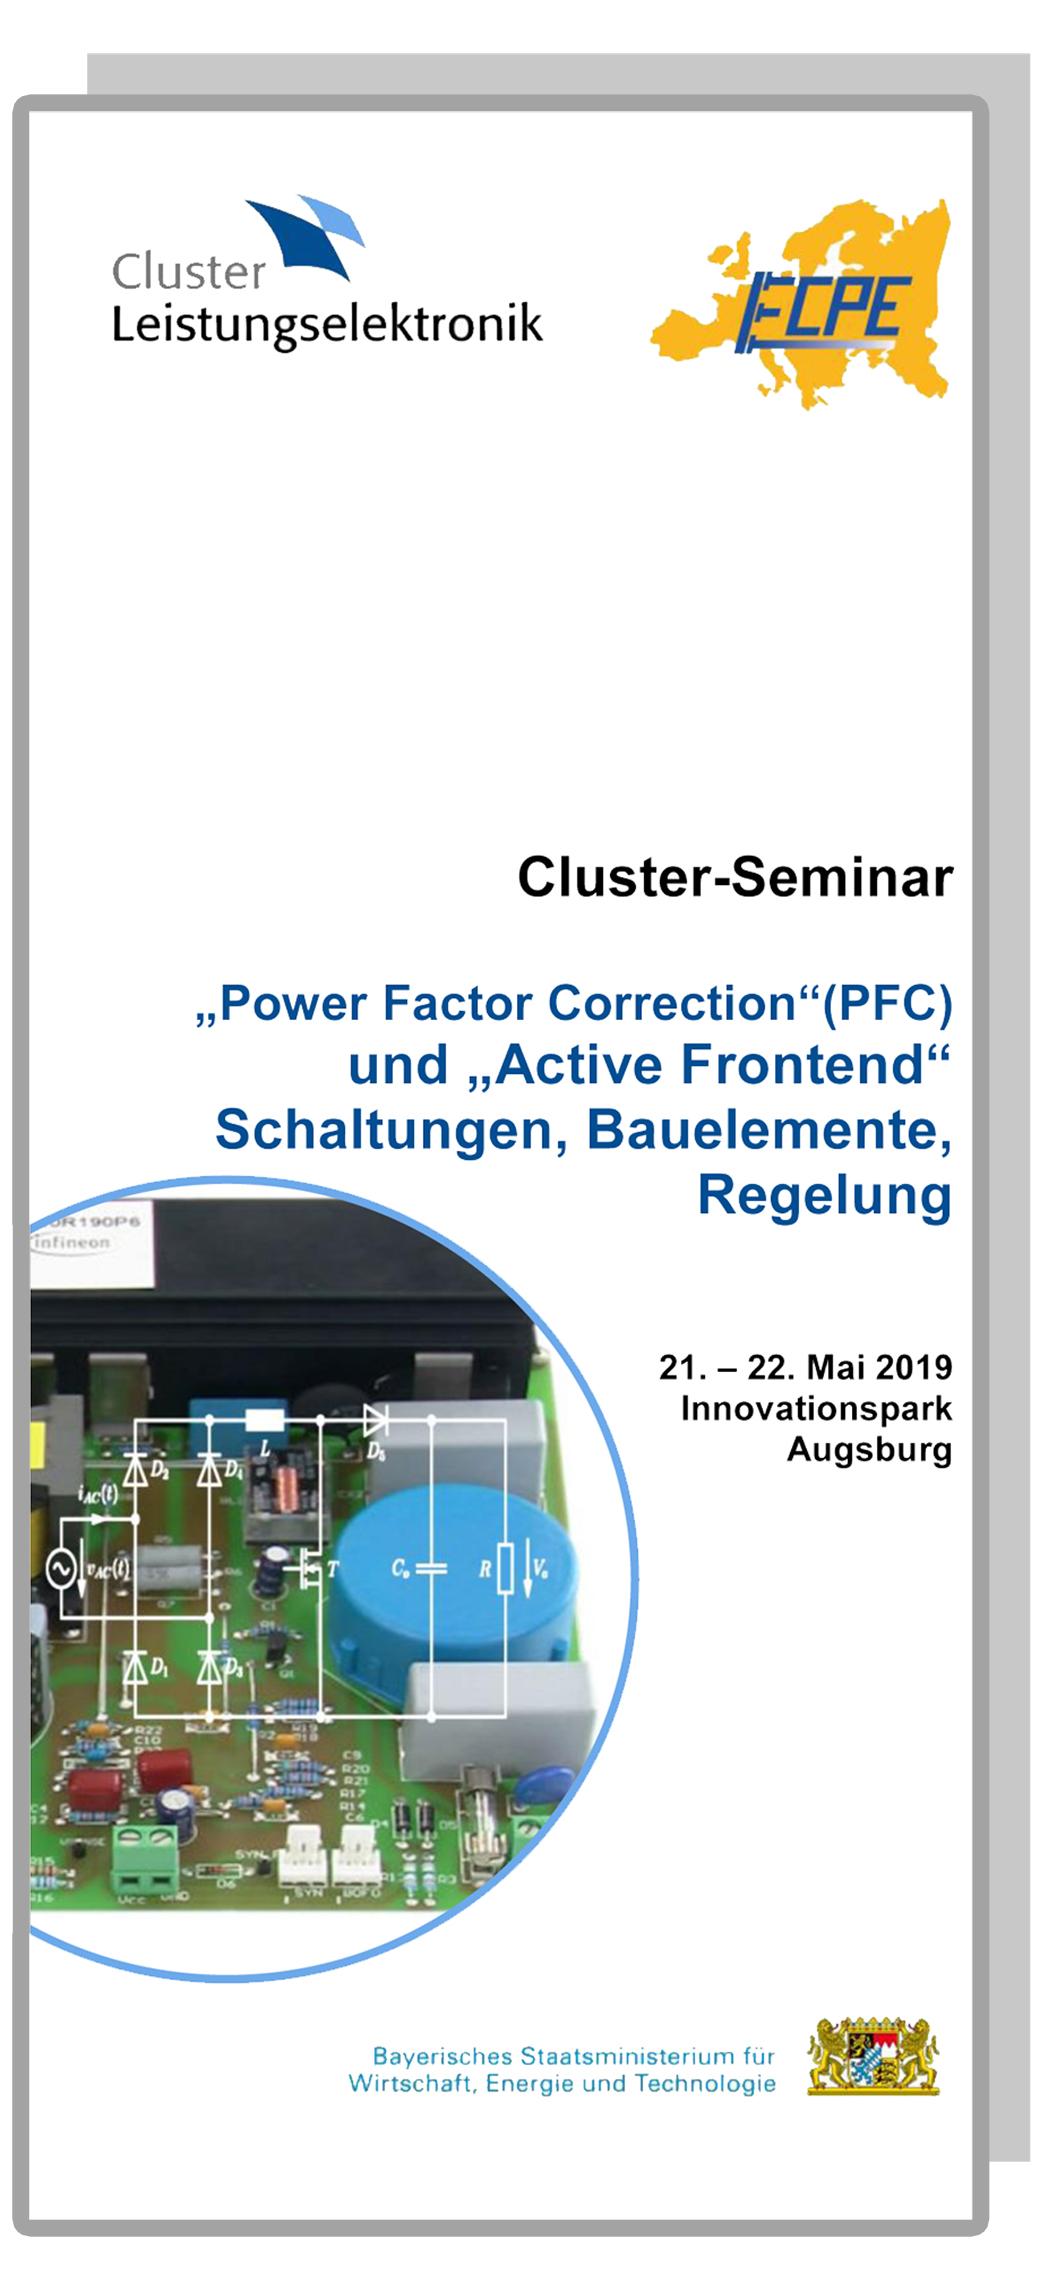 Cluster-Seminar: Power Factor Correction - PFC